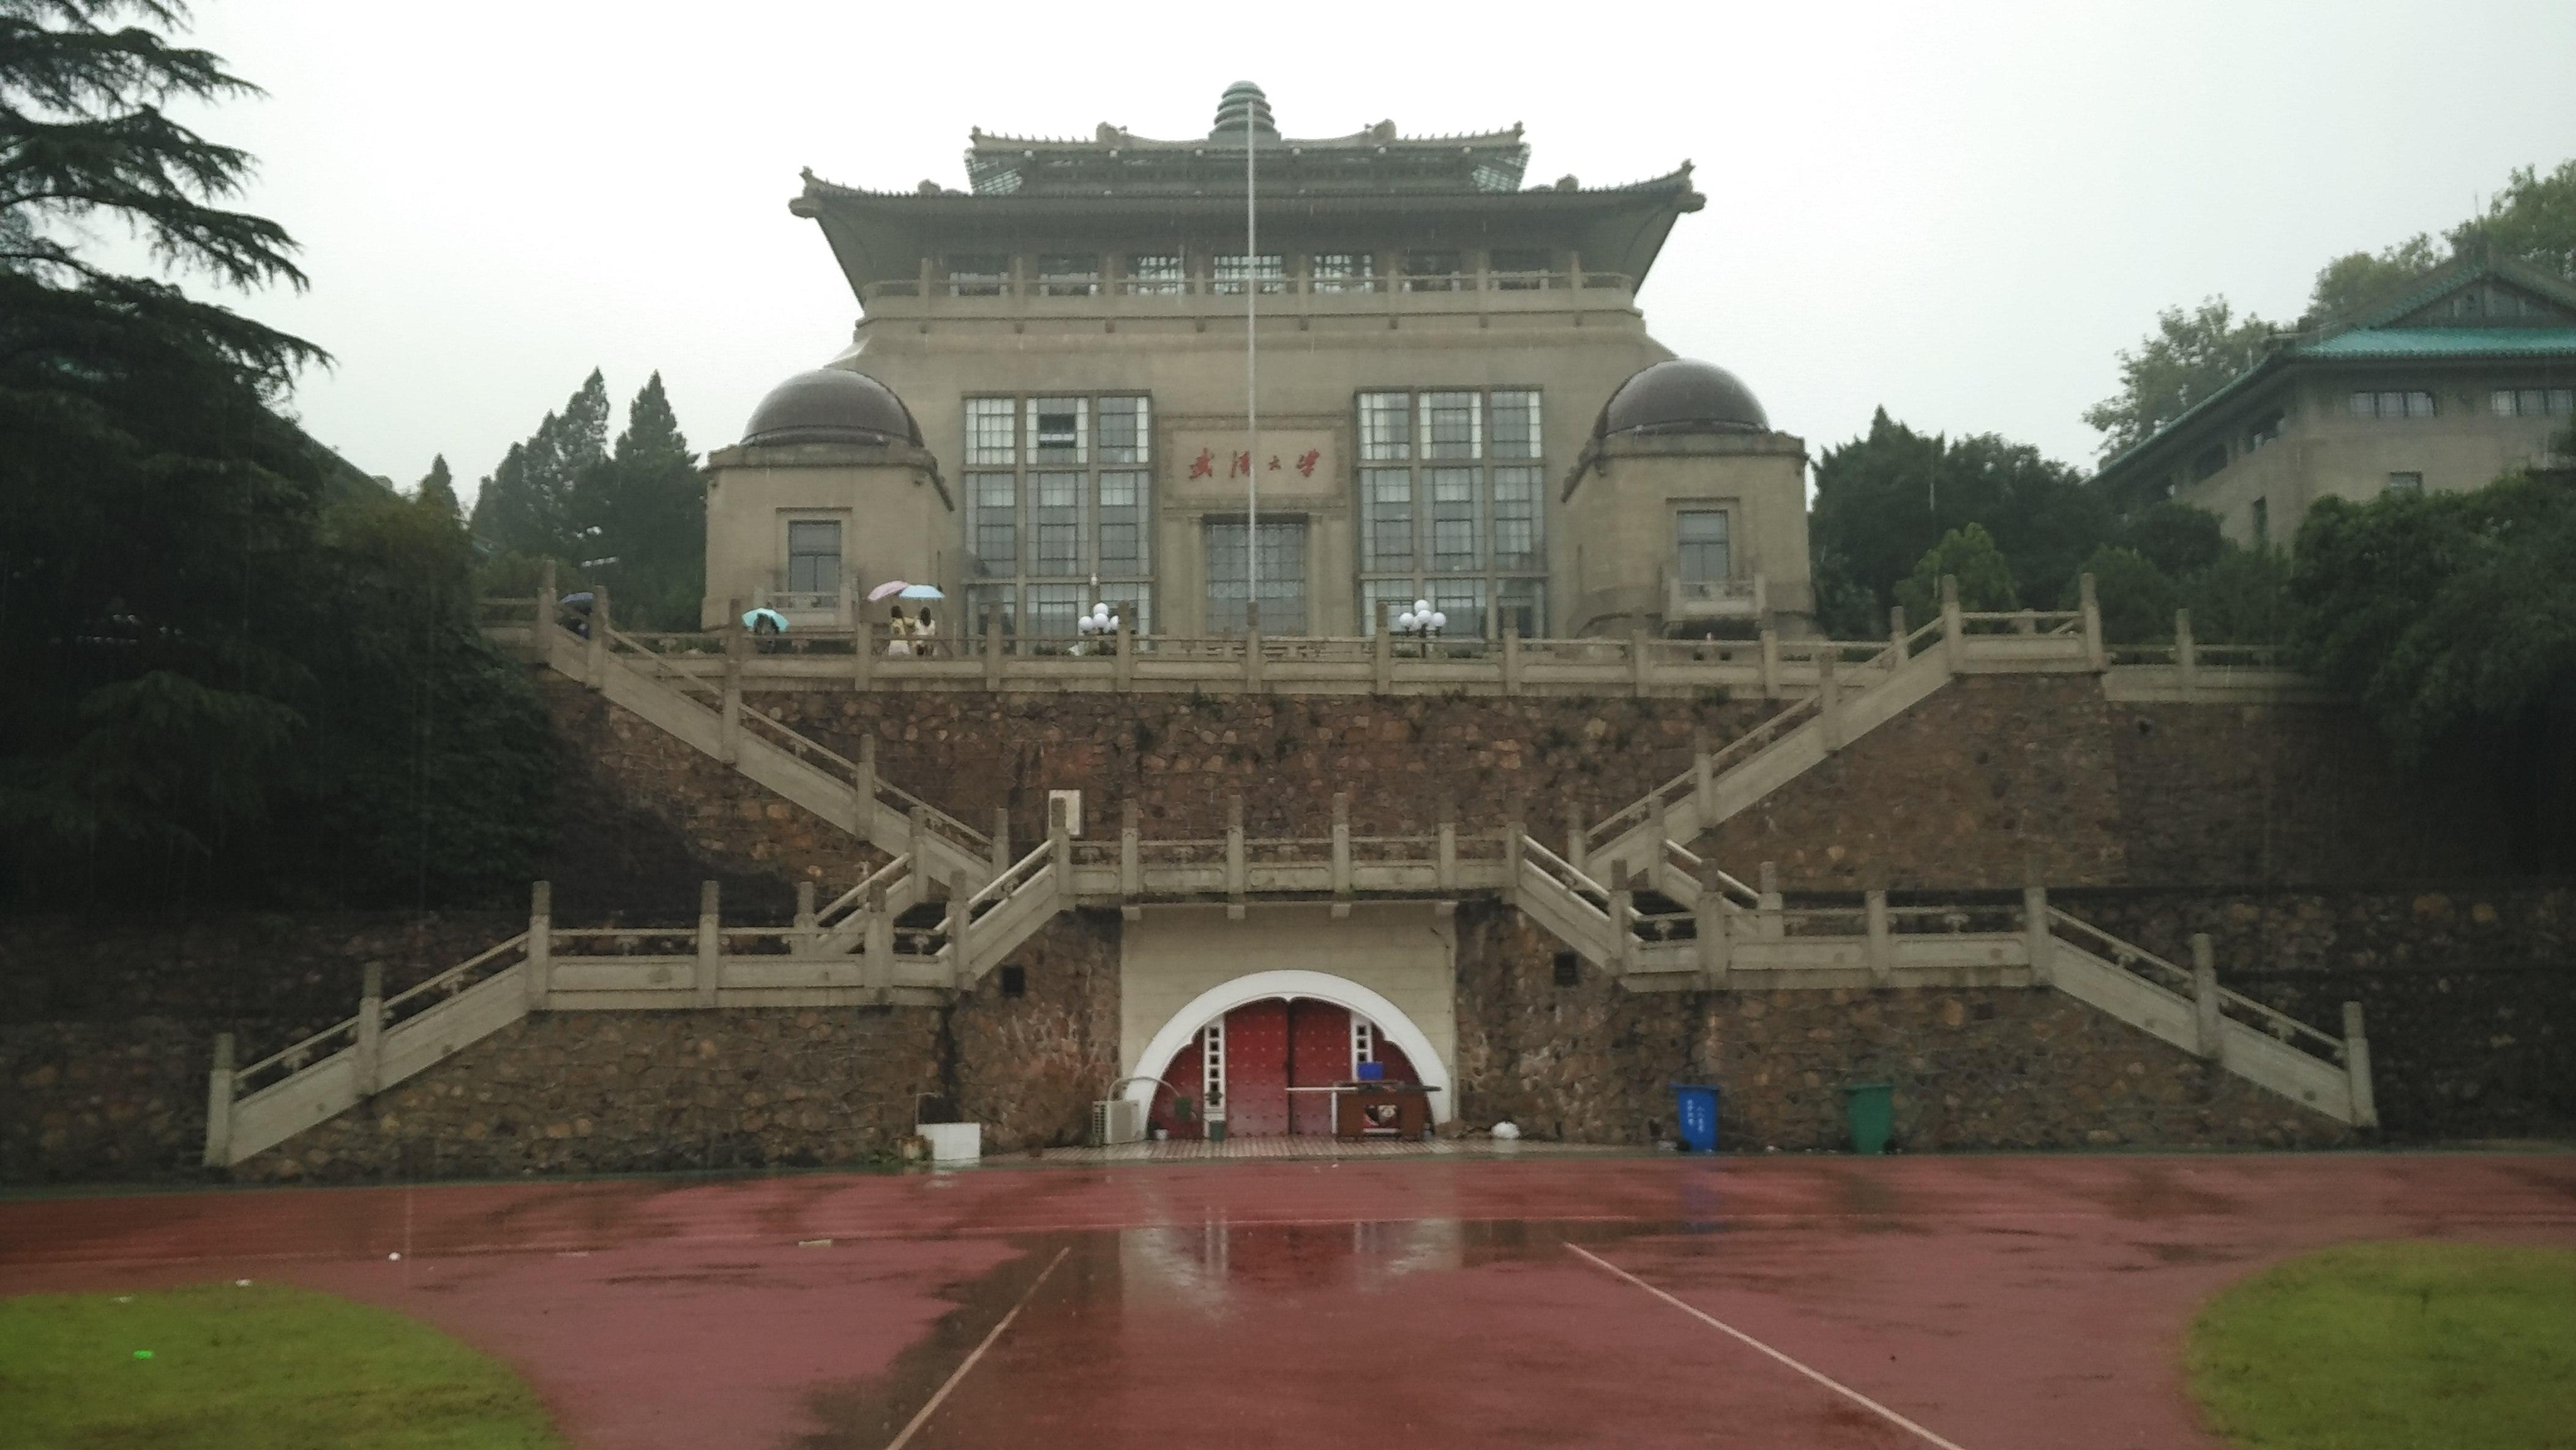 国立武汉大学,乘坐武汉地铁就能到达大学校门附近然后进入大学.